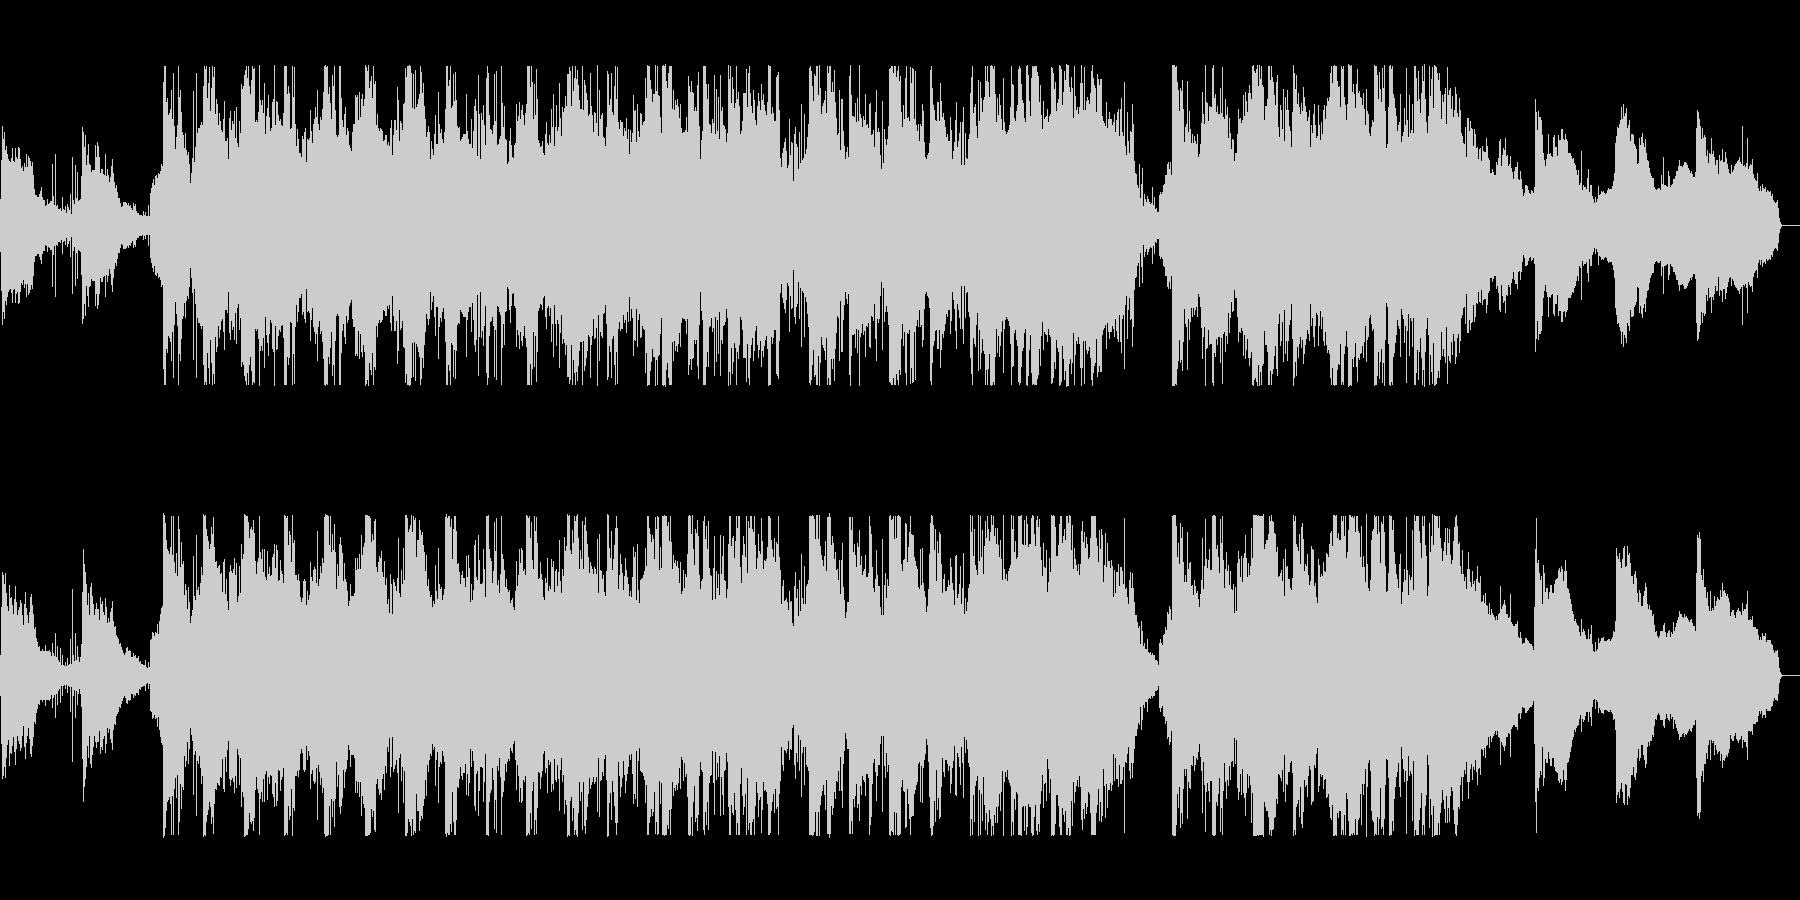 バイオリンの旋律が成熟さを連想させる曲の未再生の波形